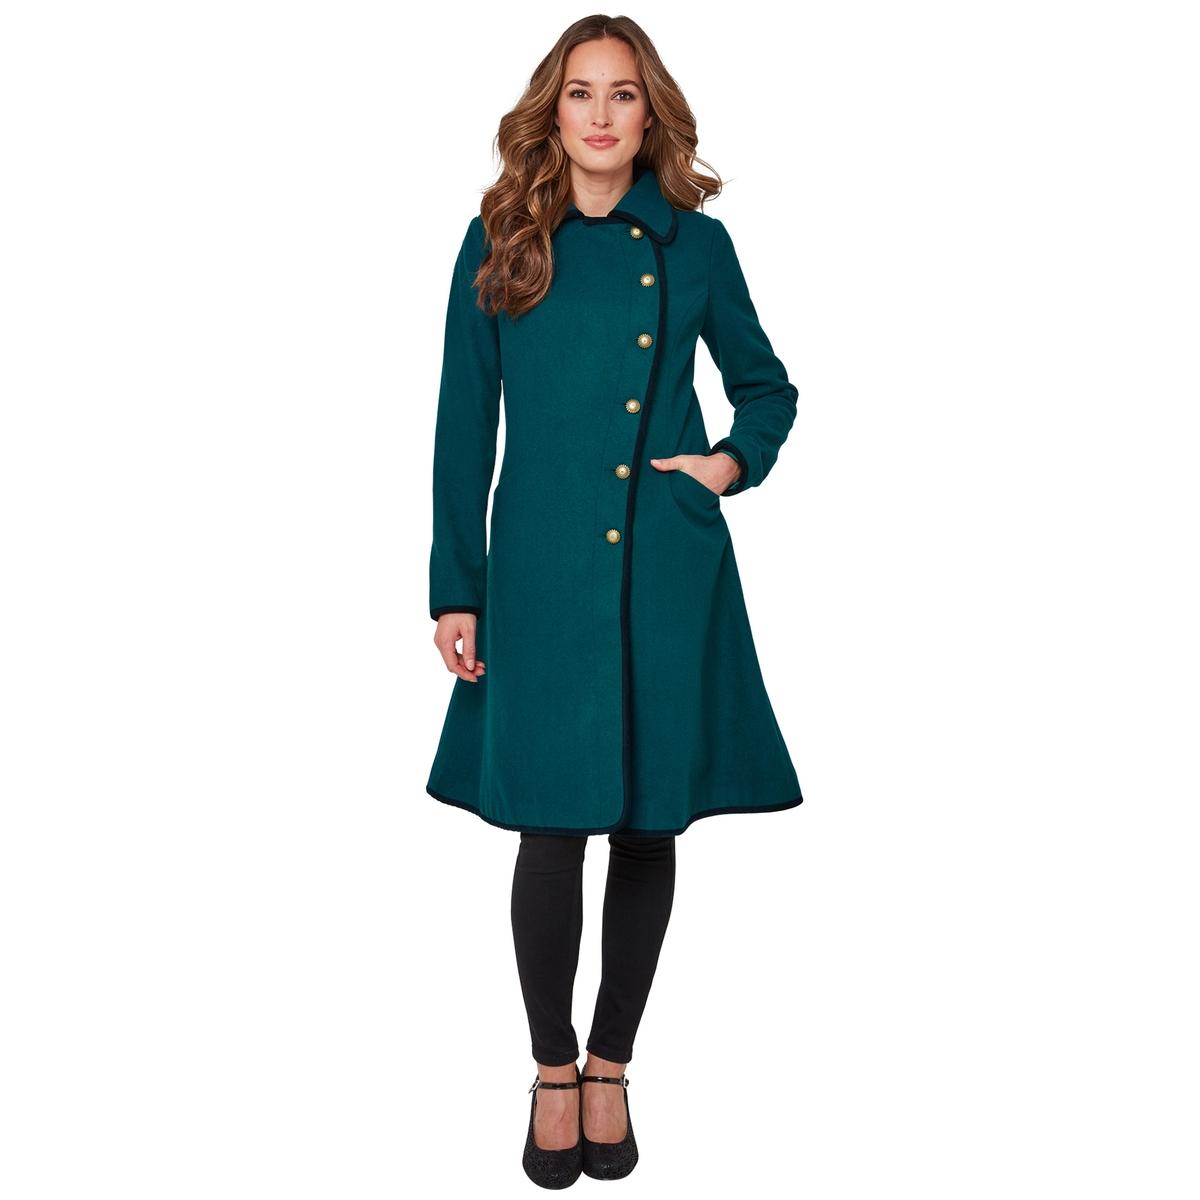 все цены на Пальто La Redoute Средней длины расклешенное к низу с застежкой на пуговицы 36 (FR) - 42 (RUS) синий онлайн